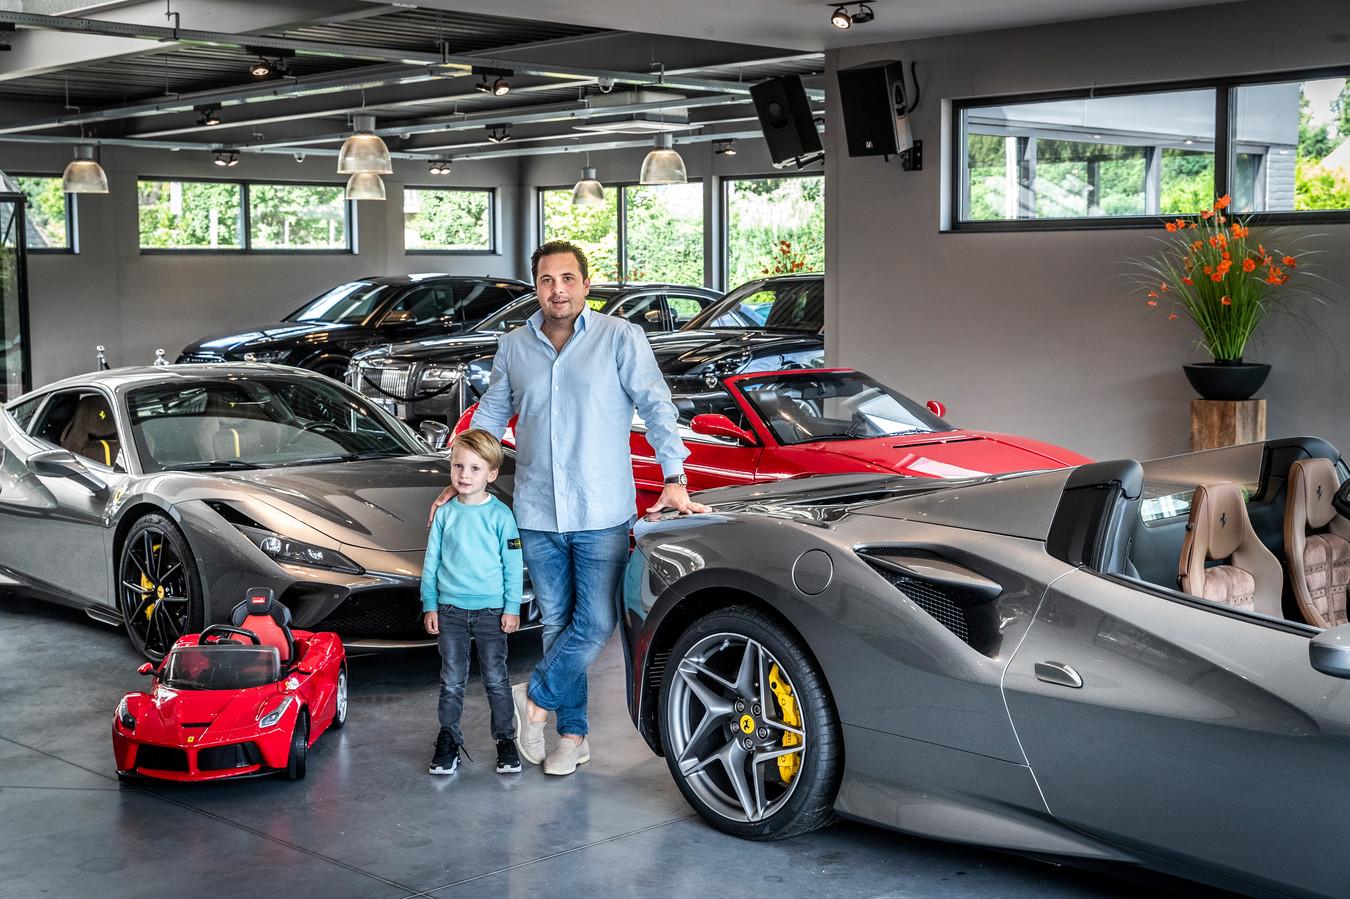 De verkoop van exclusieve auto's breekt records. Roel Hoefnagels, specialist in de verkoop van Ferrari's, verwacht dat dit voorlopig zo blijft.